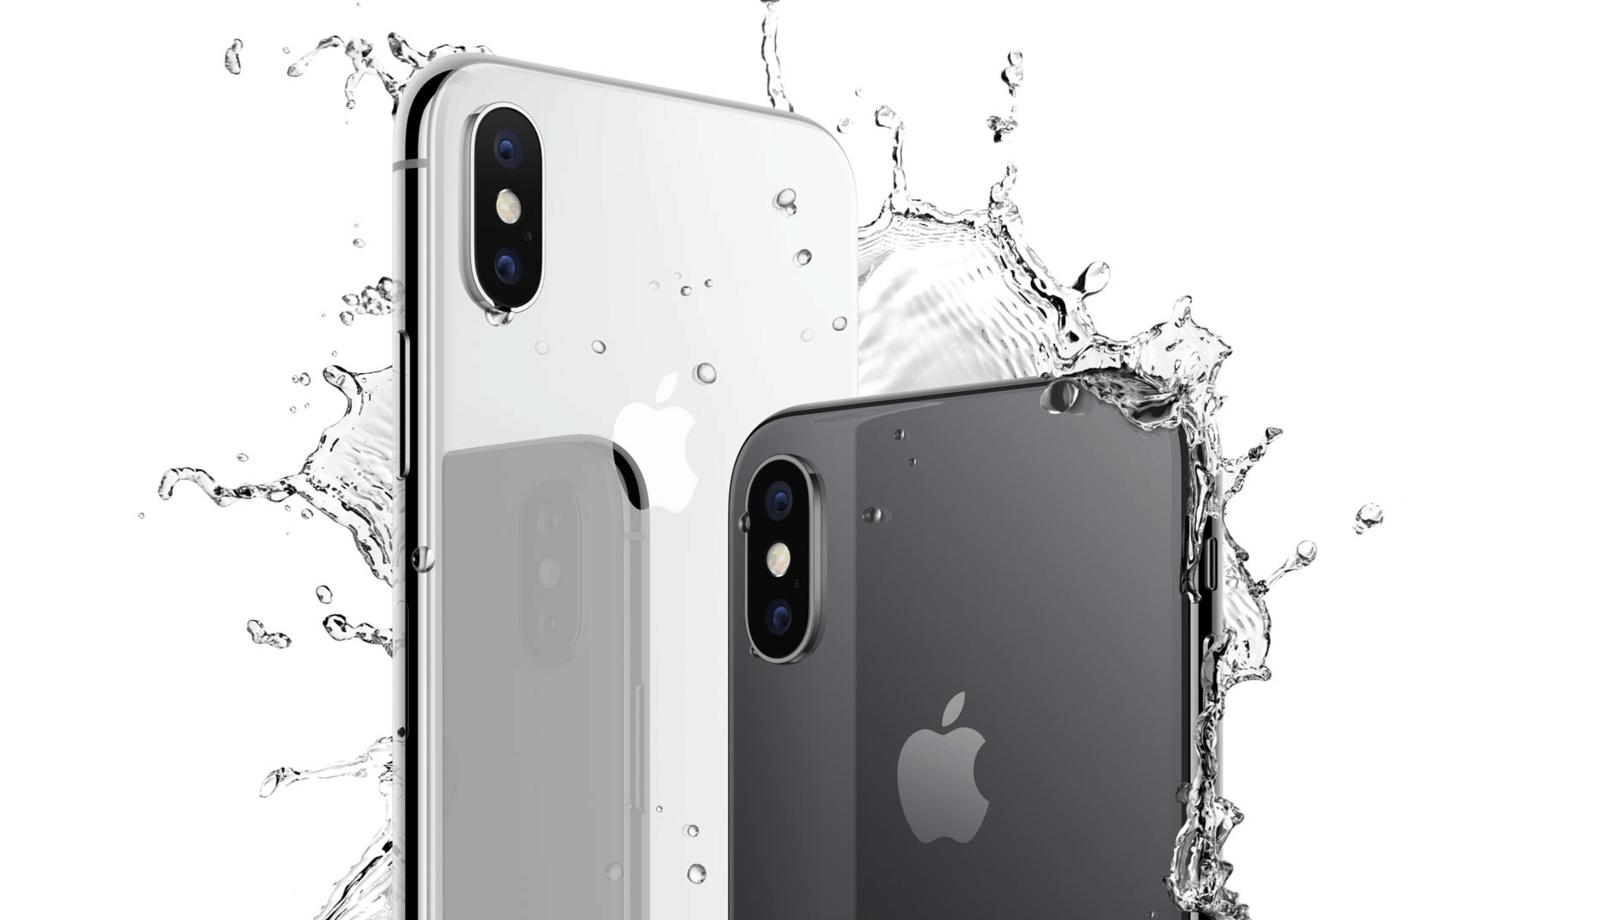 蘋果防水新專利 改善未來iPhone防水性能